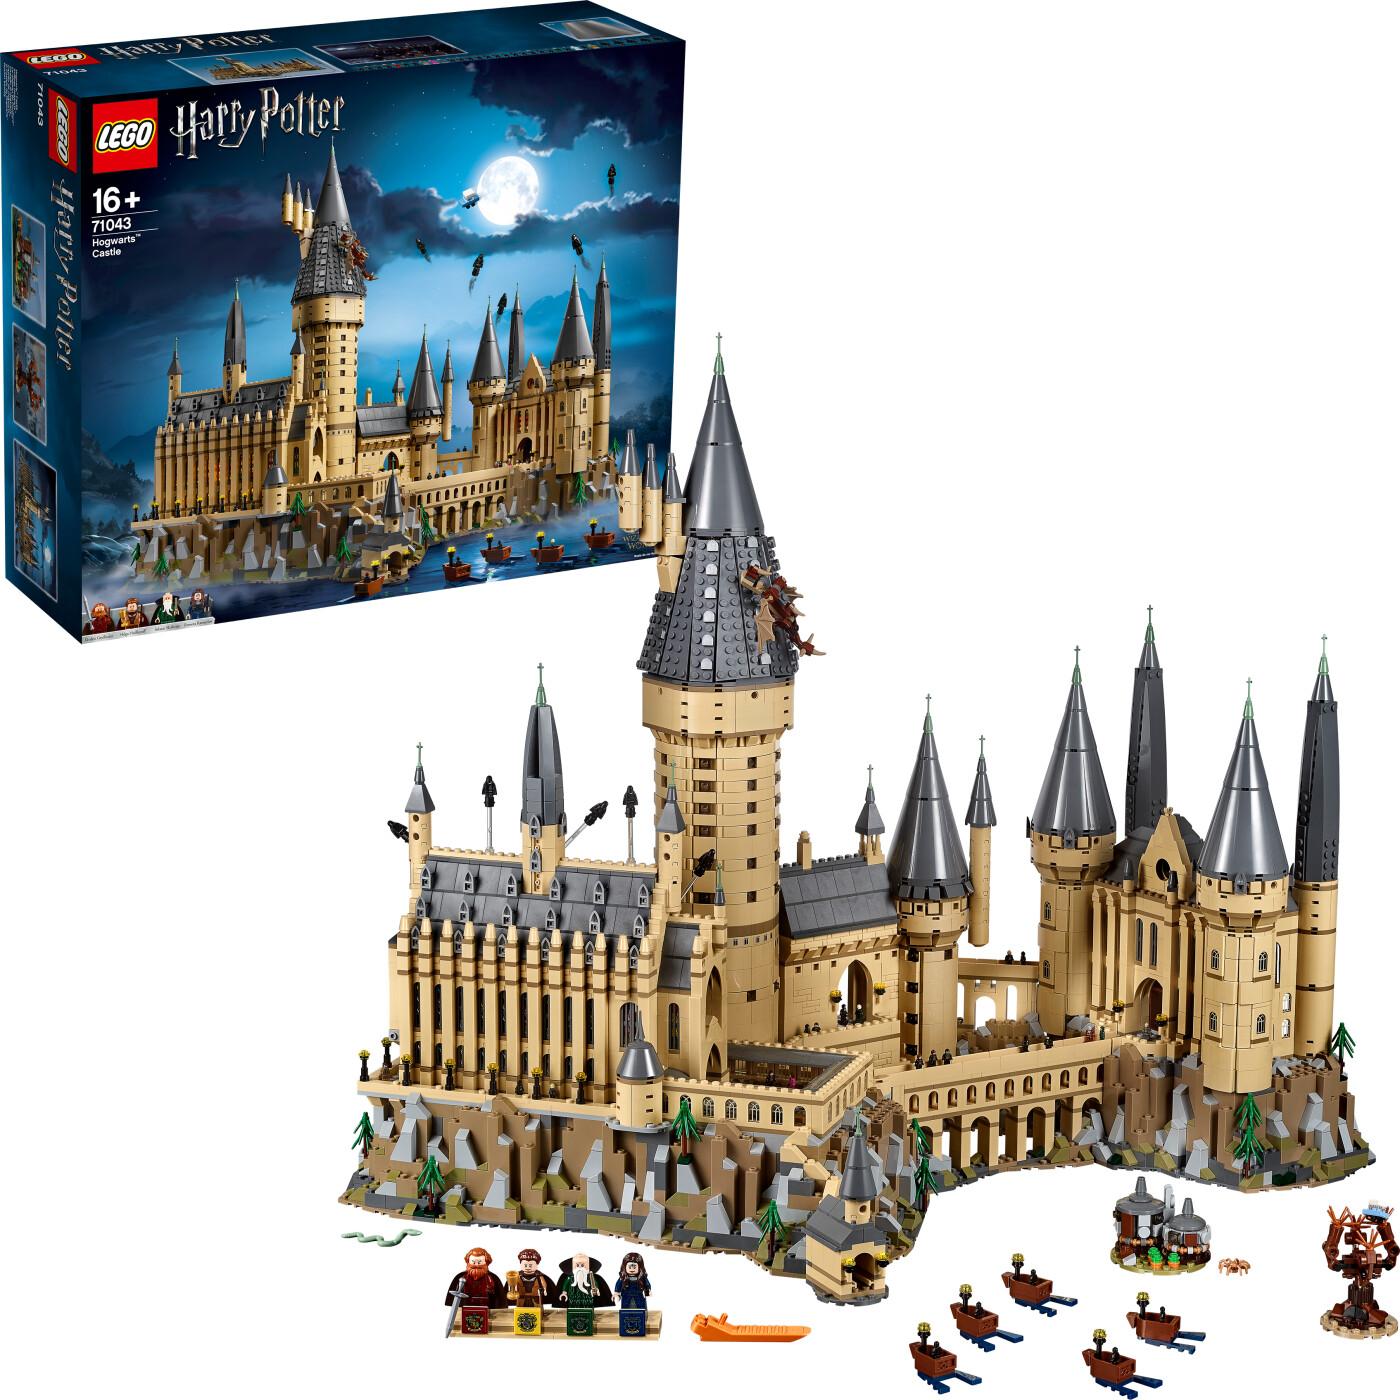 Lego Harry Potter - Hogwarts Slottet - 71043